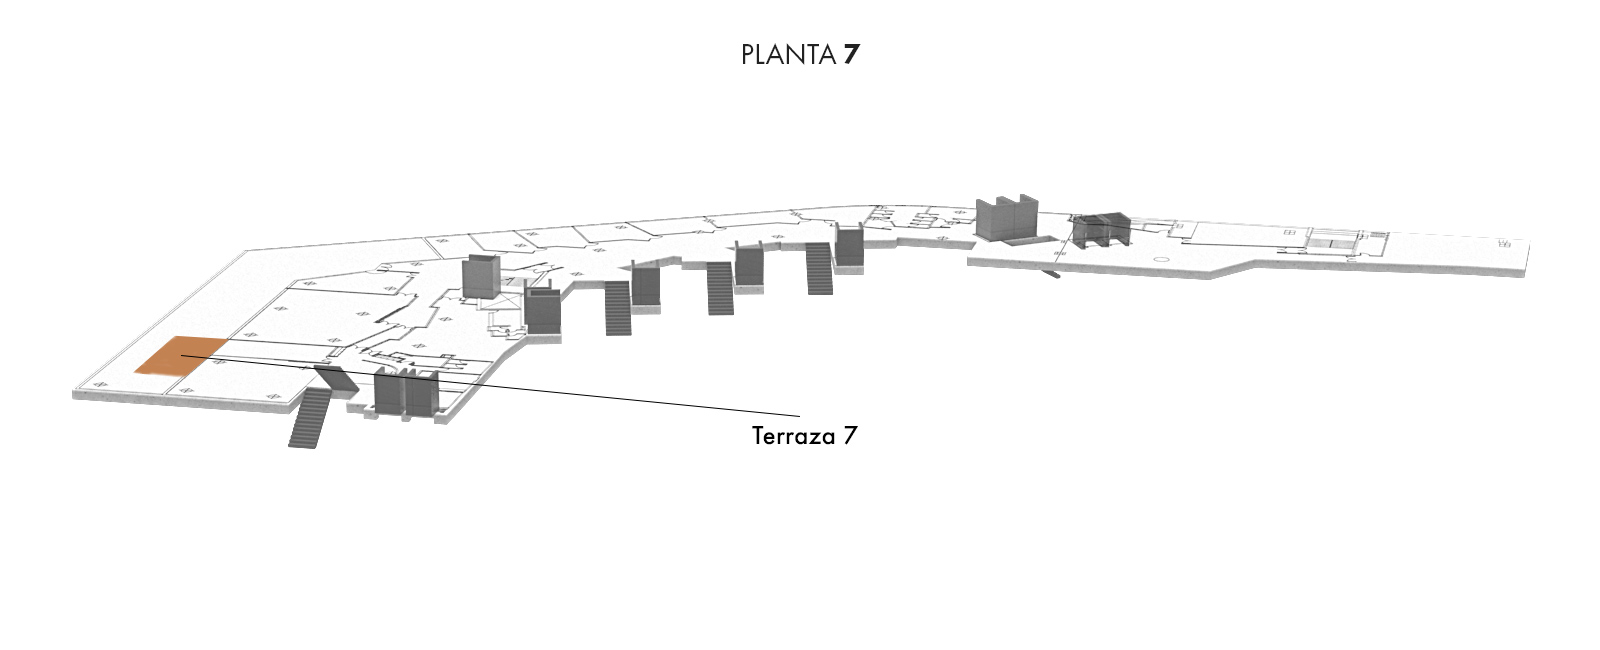 Terraza 7, Planta 7   Palacio Euskalduna Jauregia